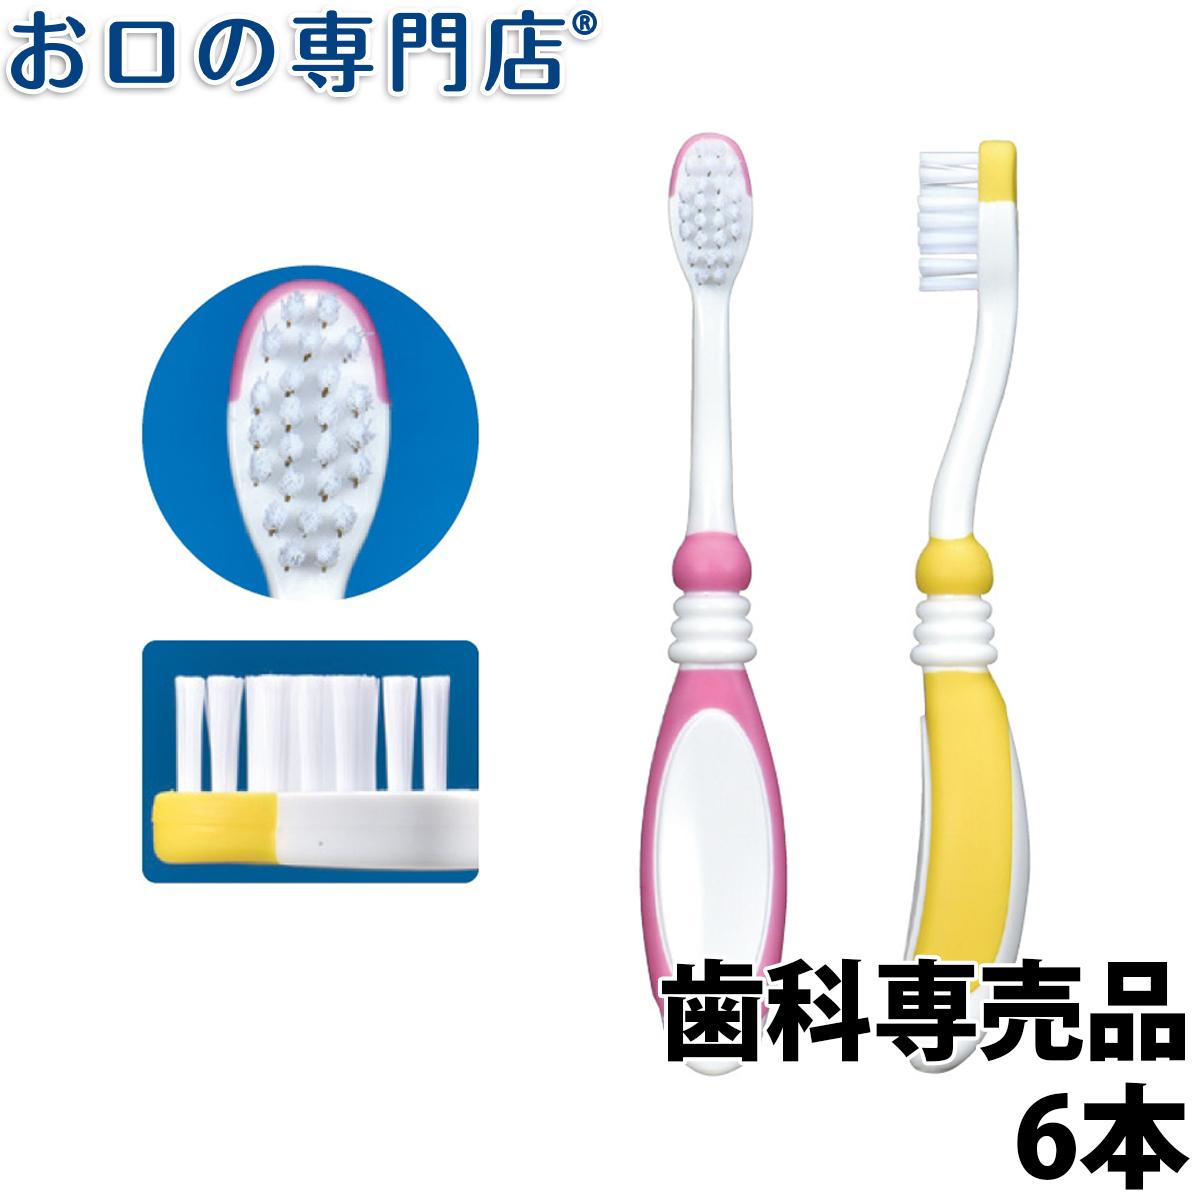 超激得SALE 2~6歳 子供用歯ブラシ 買い取り フラット毛 握りやすい 遊び磨き デュポン繊維 メール便送料無料 Ci キッズ 6本 歯科専売品 S 歯ブラシ リセラ やわらかめ